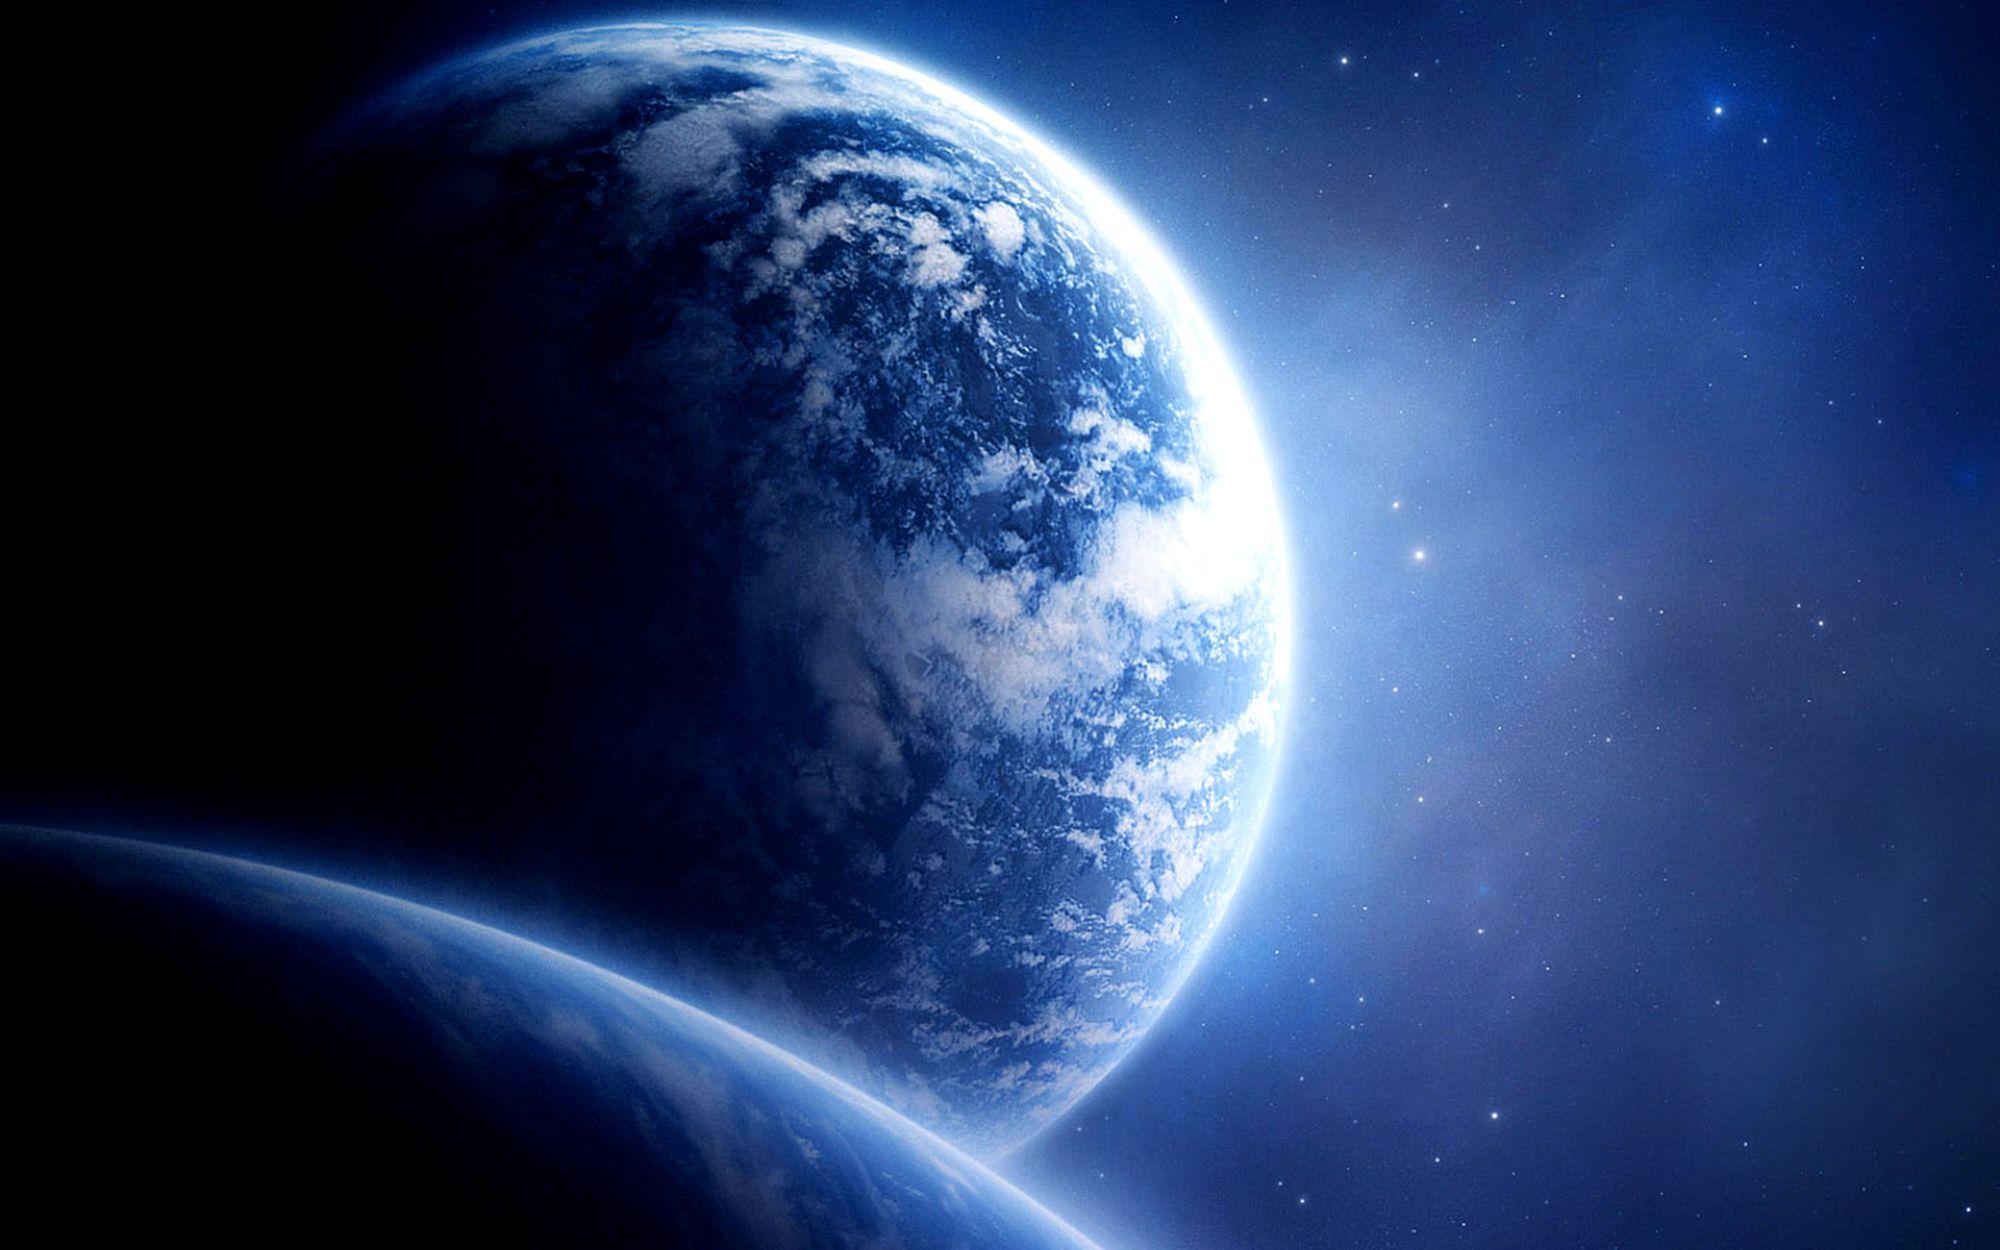 Обои Земля планета космос картинки на рабочий стол на тему Космос - скачать  № 3551682 без смс